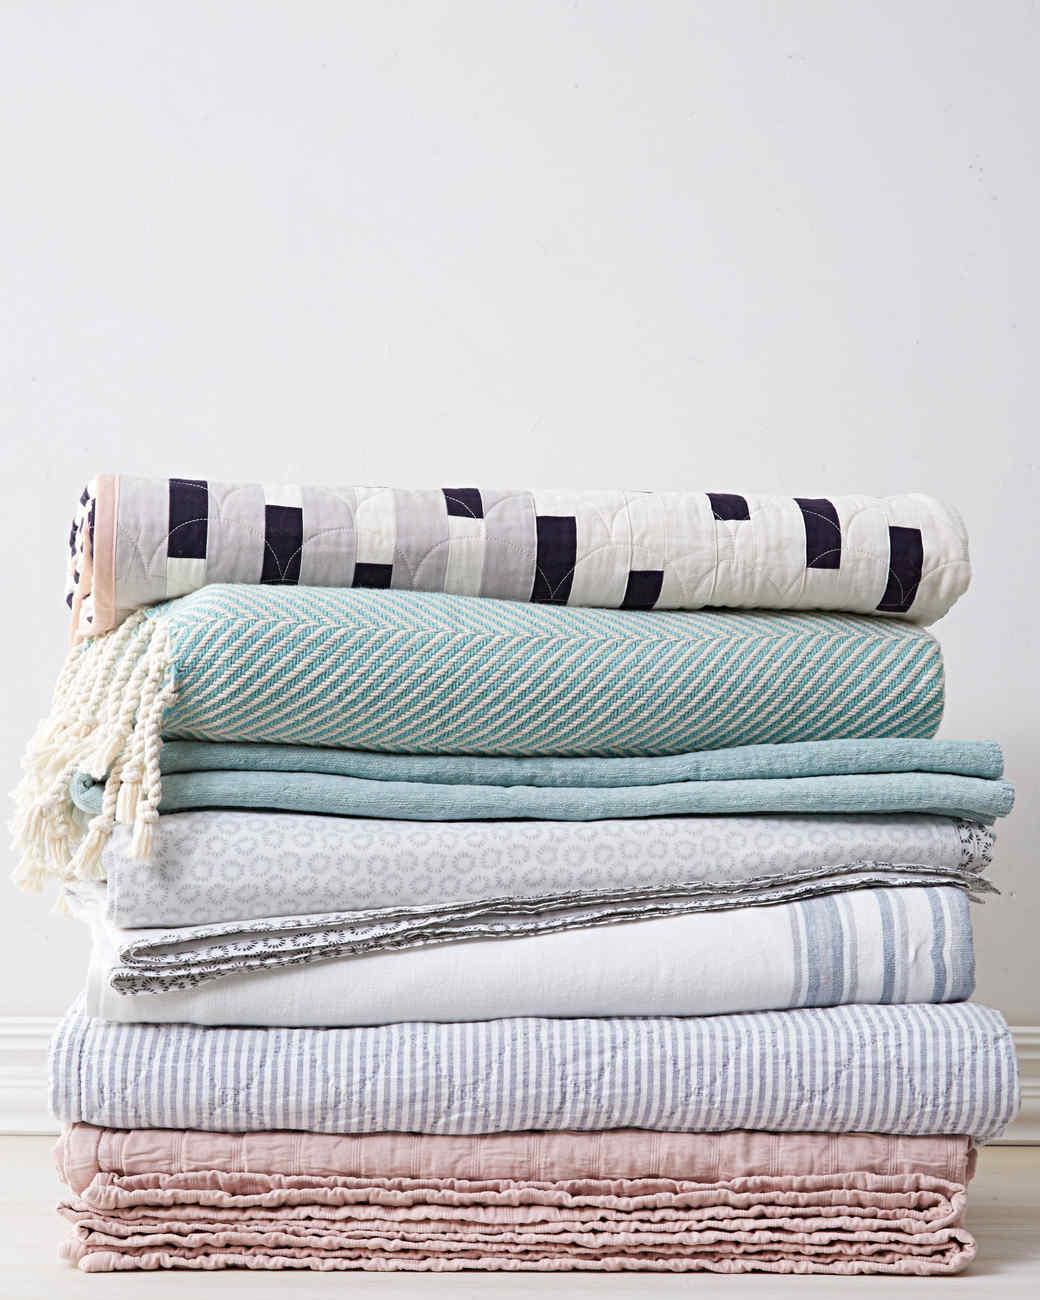 blankets-6780-d112914.jpg